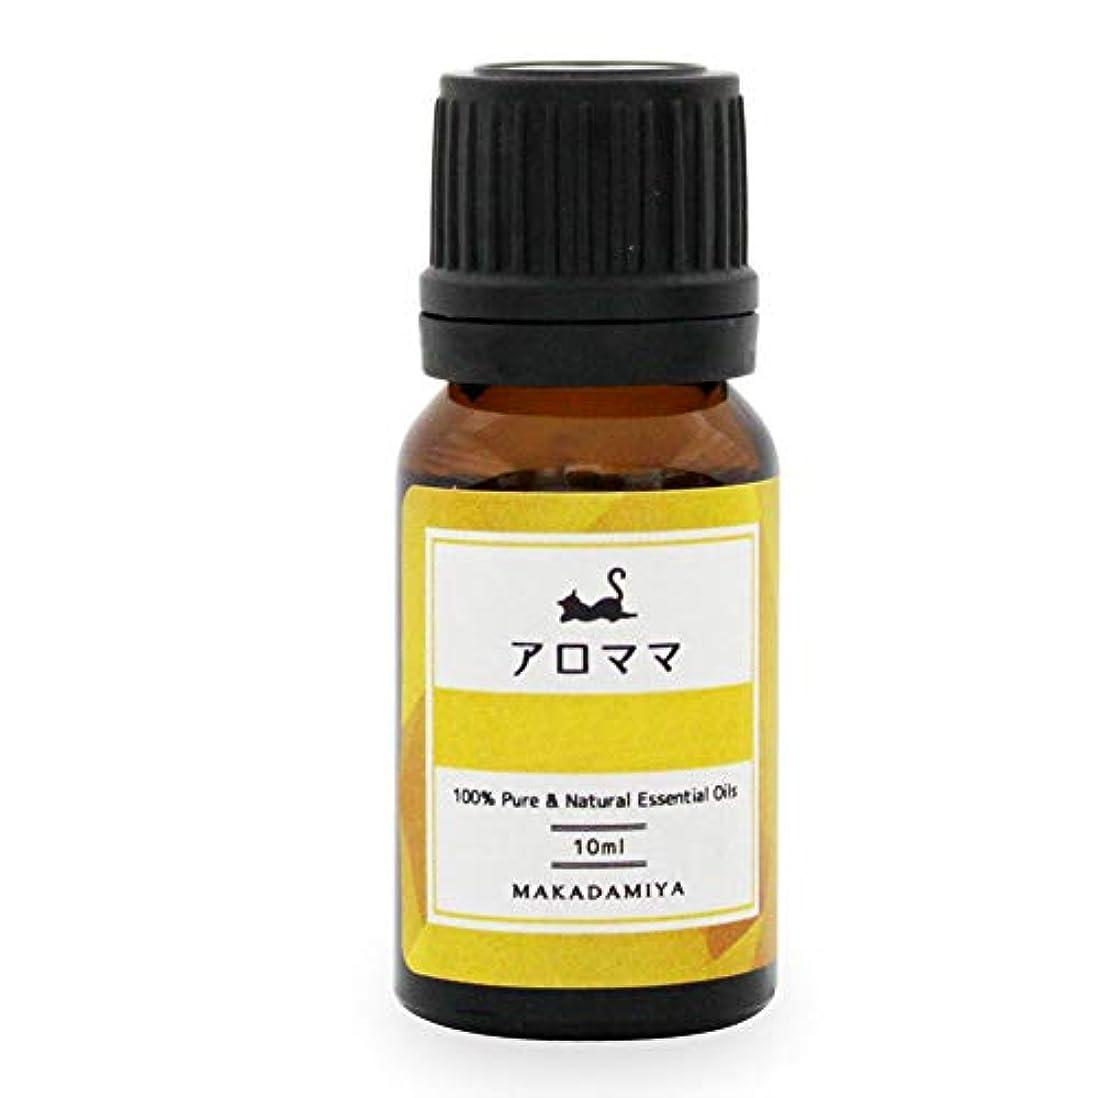 残酷苦行歌妊活用アロマ10ml 妊活中の女性の為に特別な香りで癒す。 アロママ